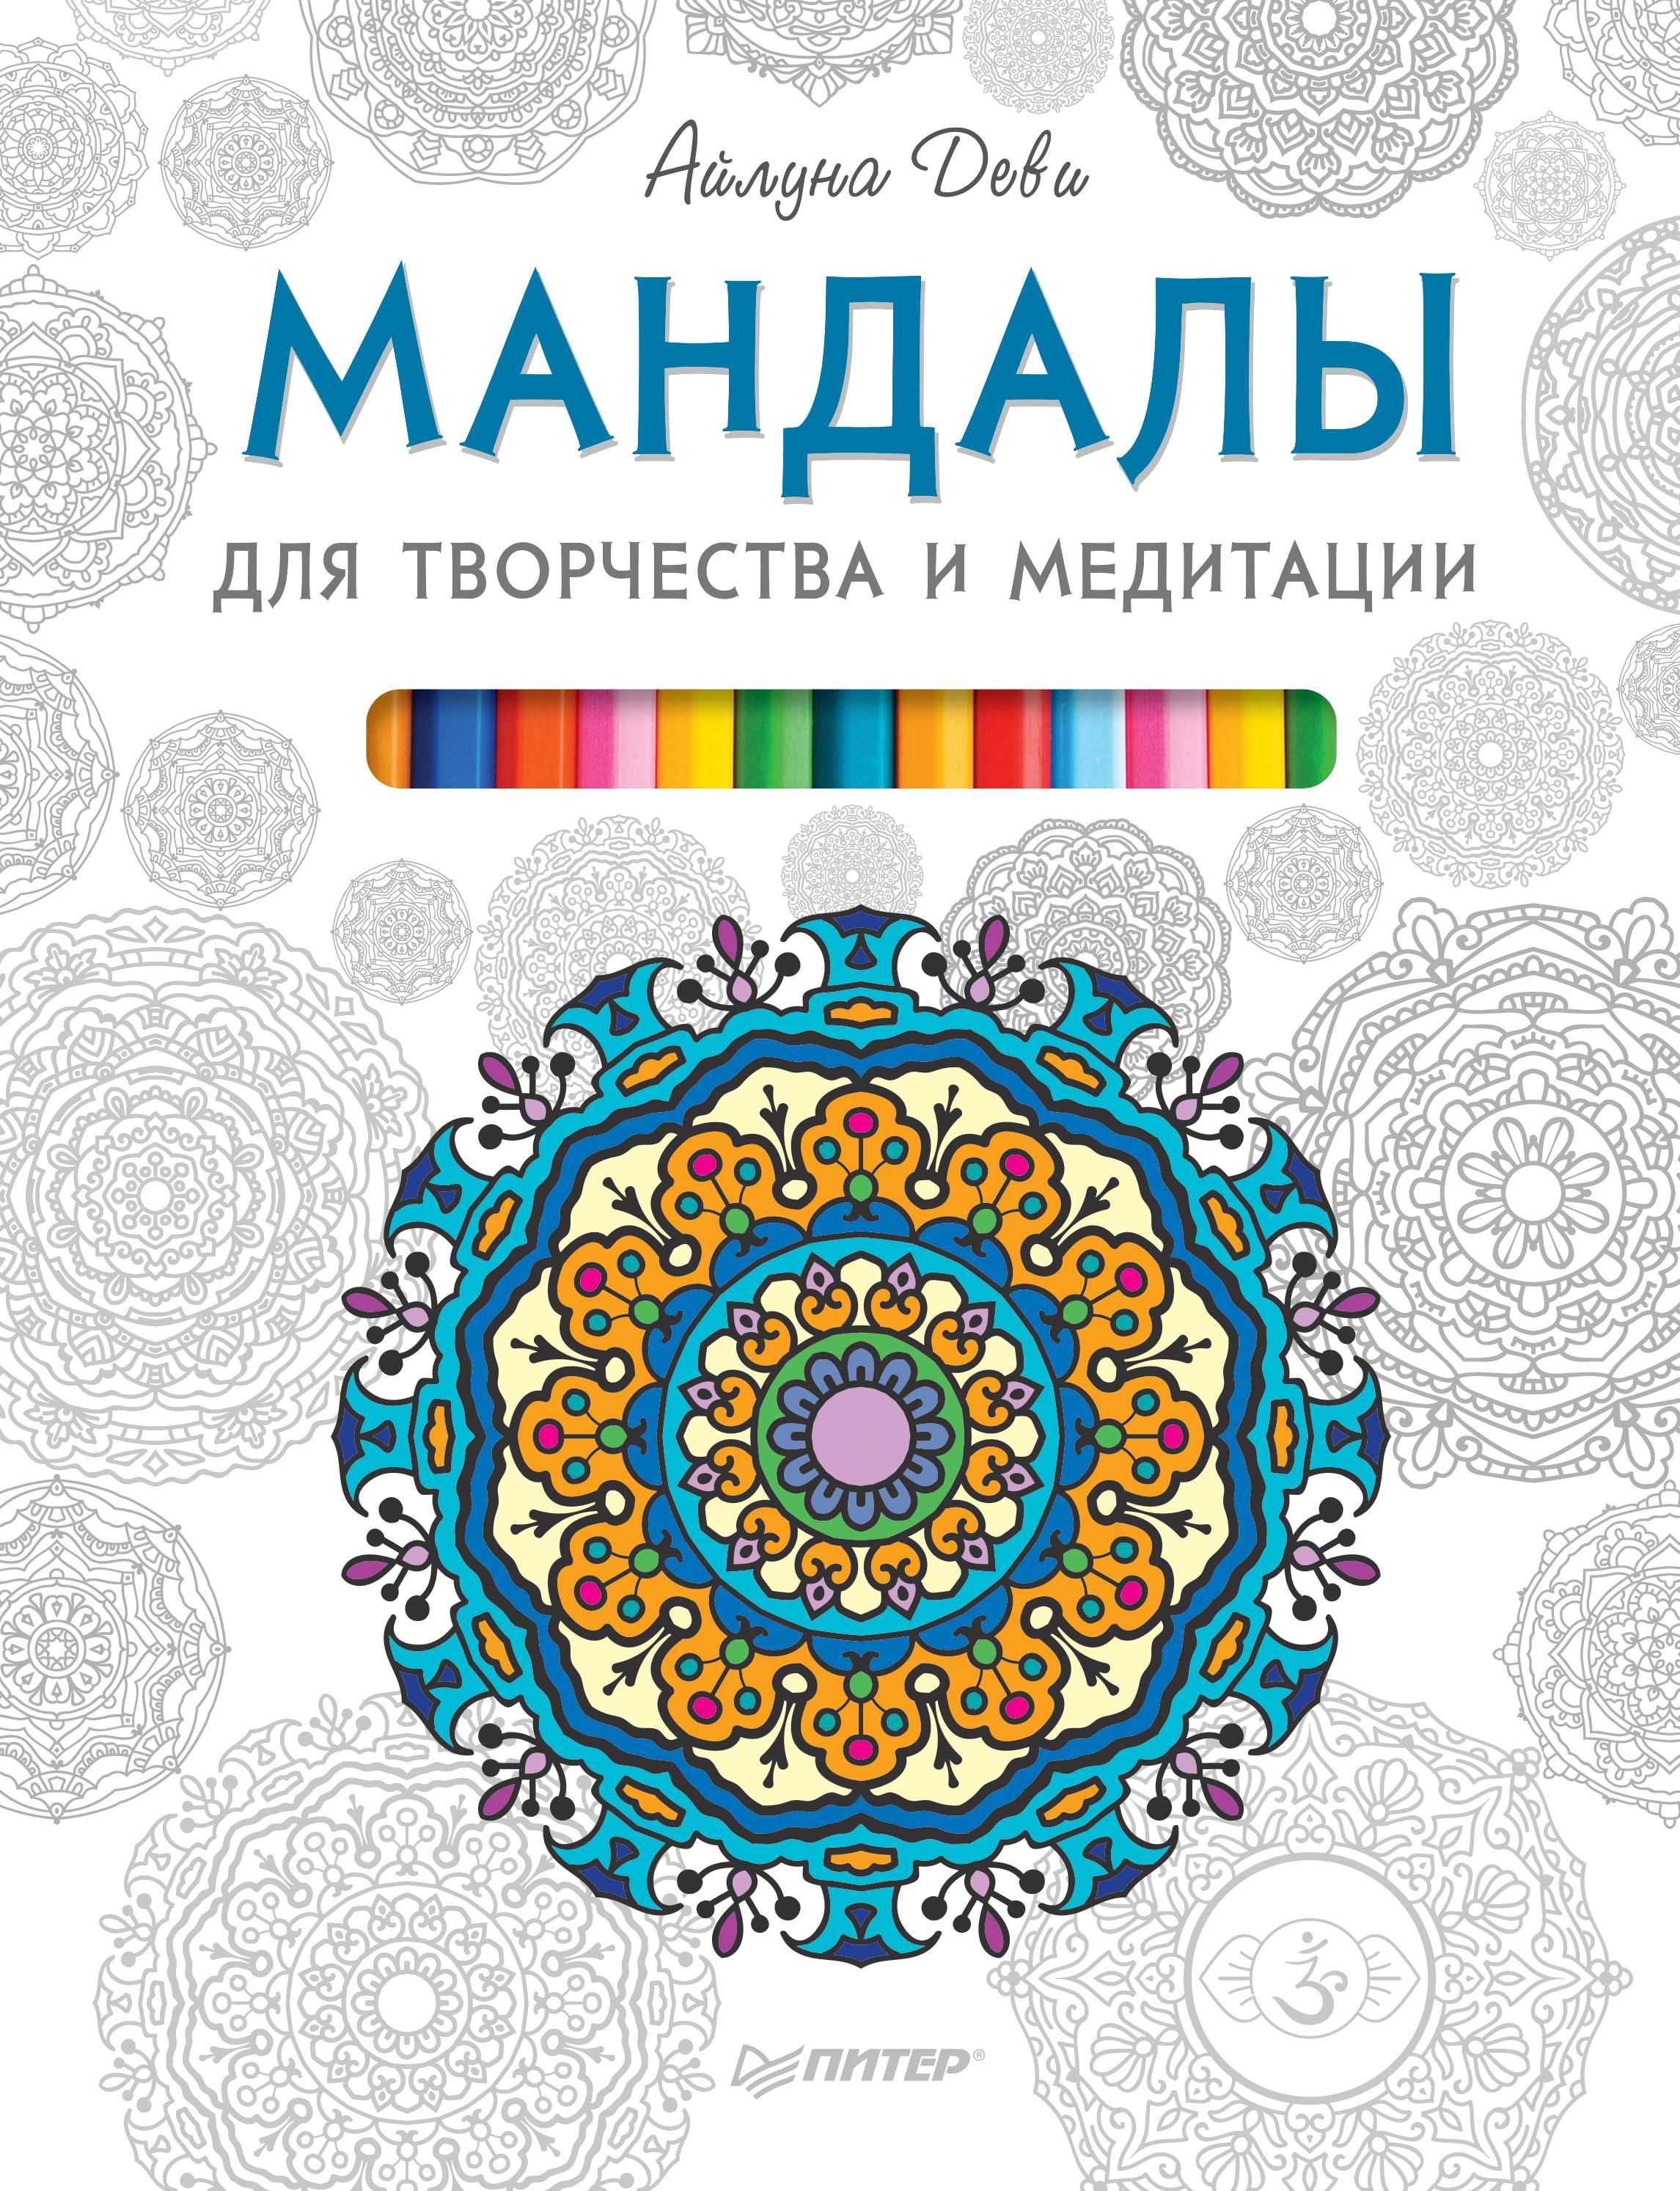 Фото - Айлуна Деви Мандалы для творчества и медитации деви а мандалы 36 шаблонов 108 узоров и орнаментов для рисования